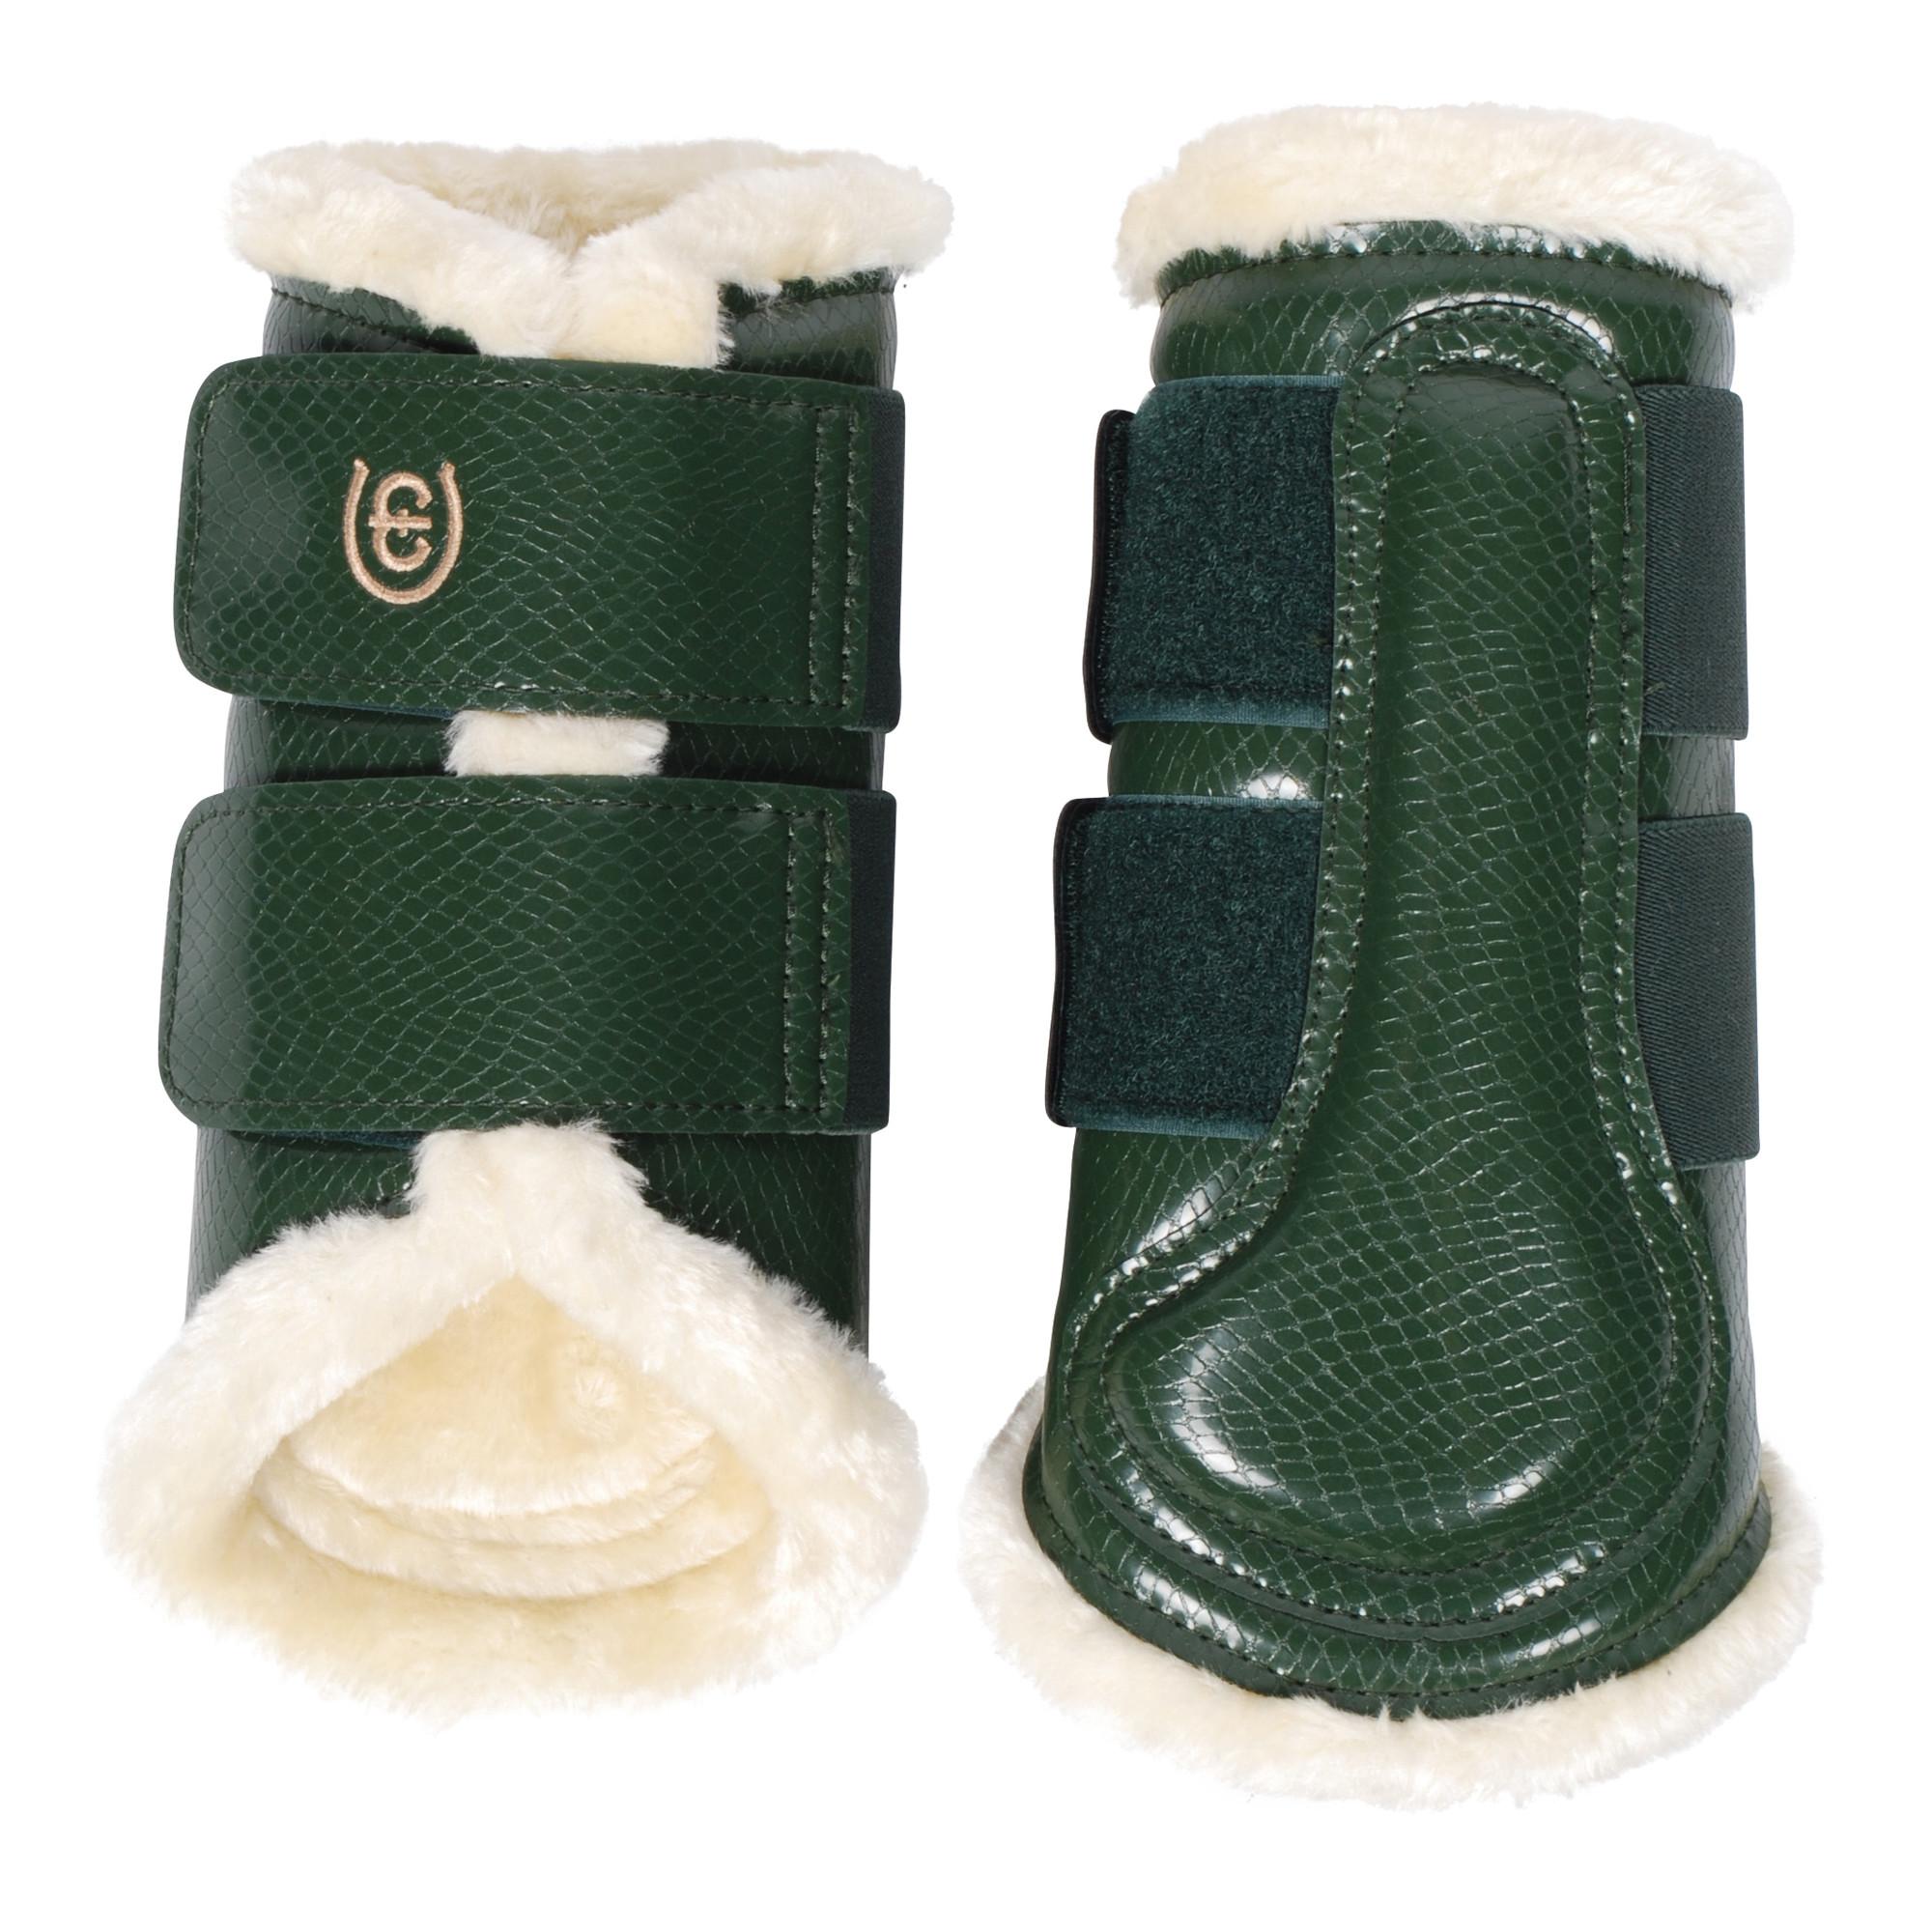 EQ beenbeschermers achter groen maat:m